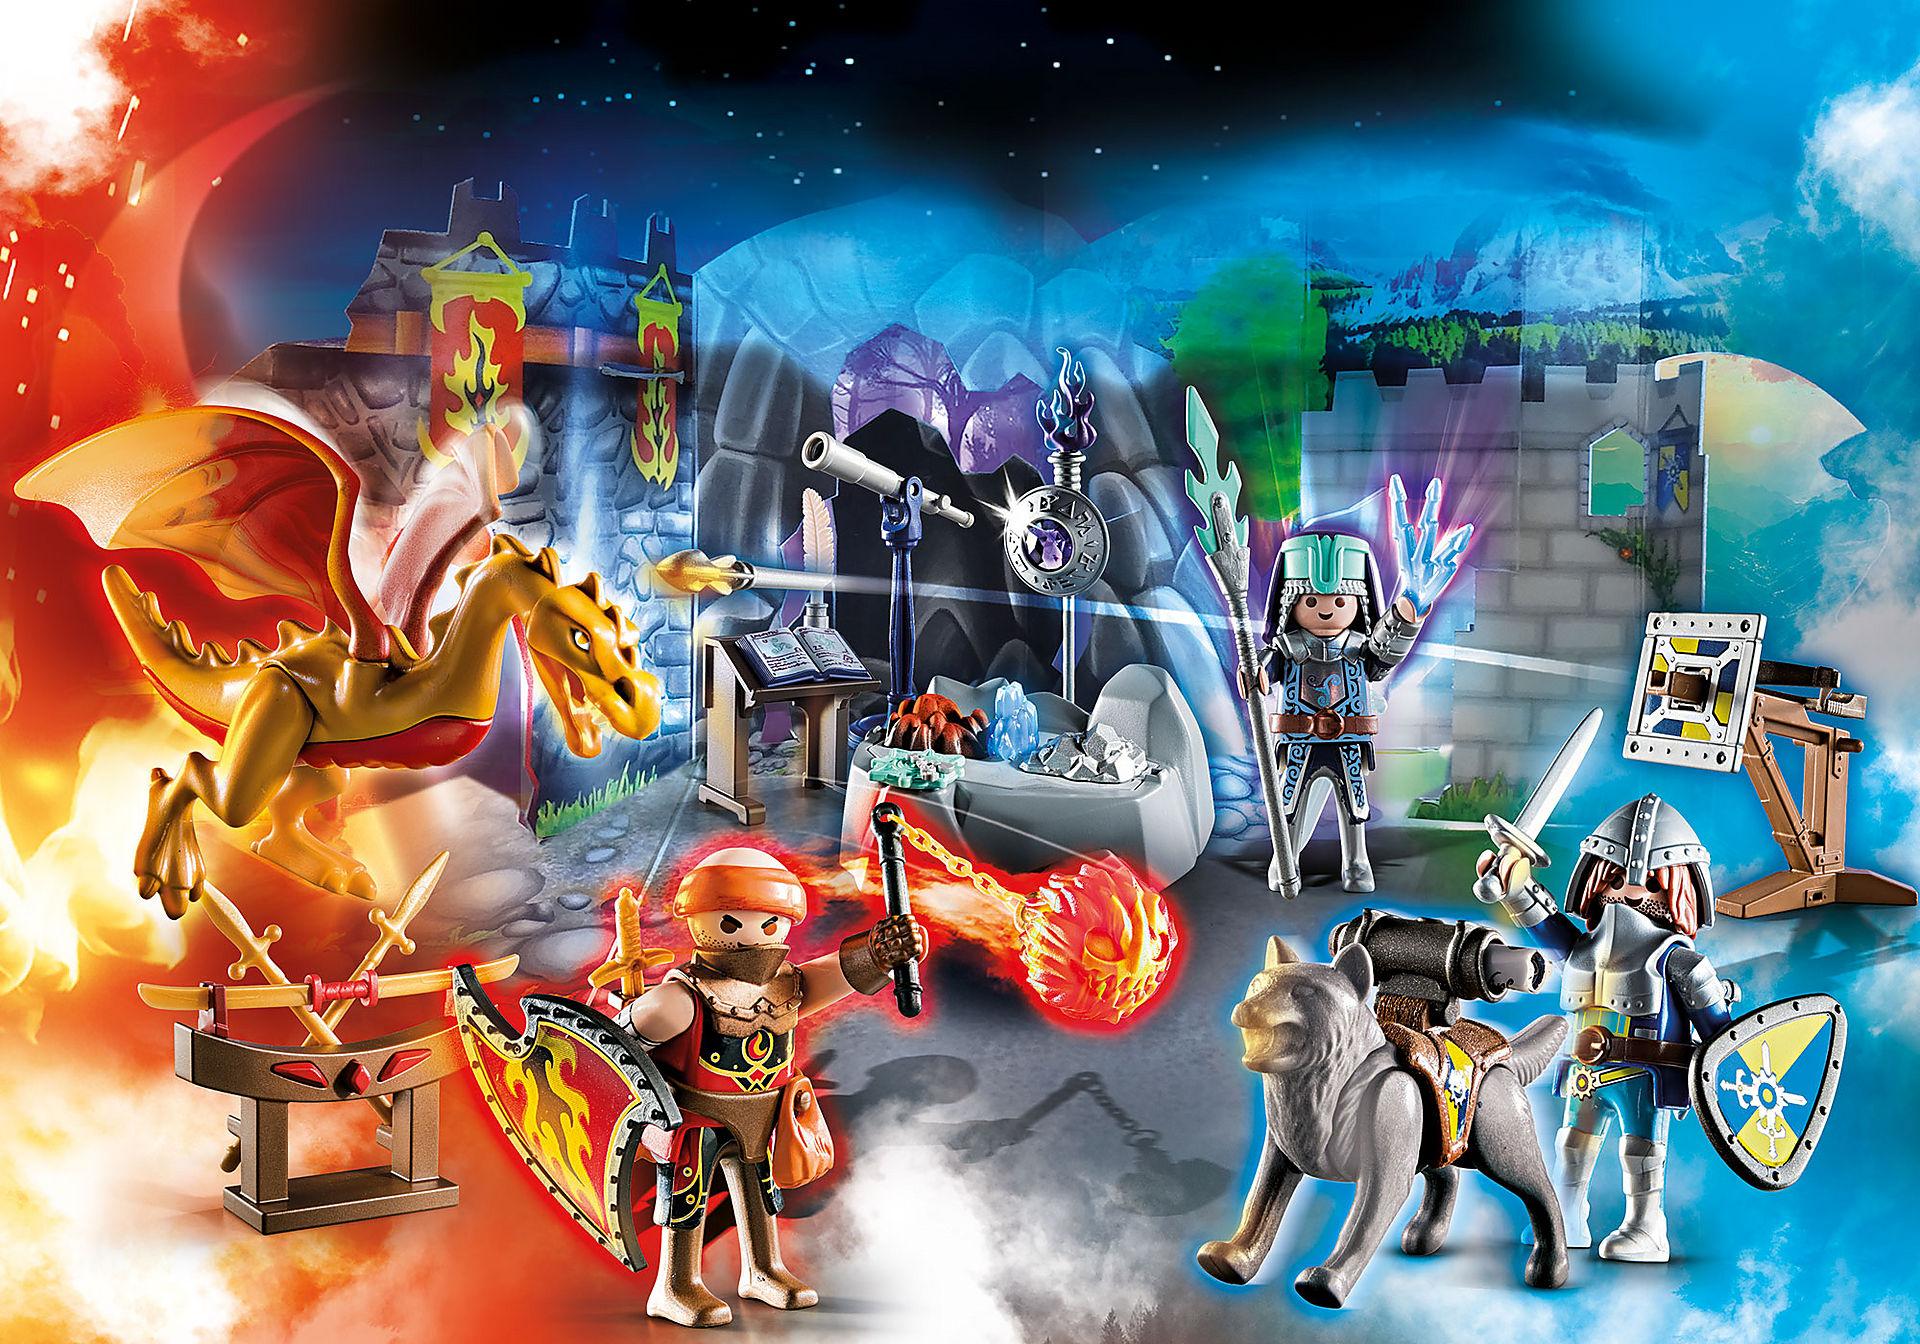 70187 Χριστουγεννιάτικο Ημερολόγιο - Μαχητές του Μαγικού Πετραδιού zoom image3